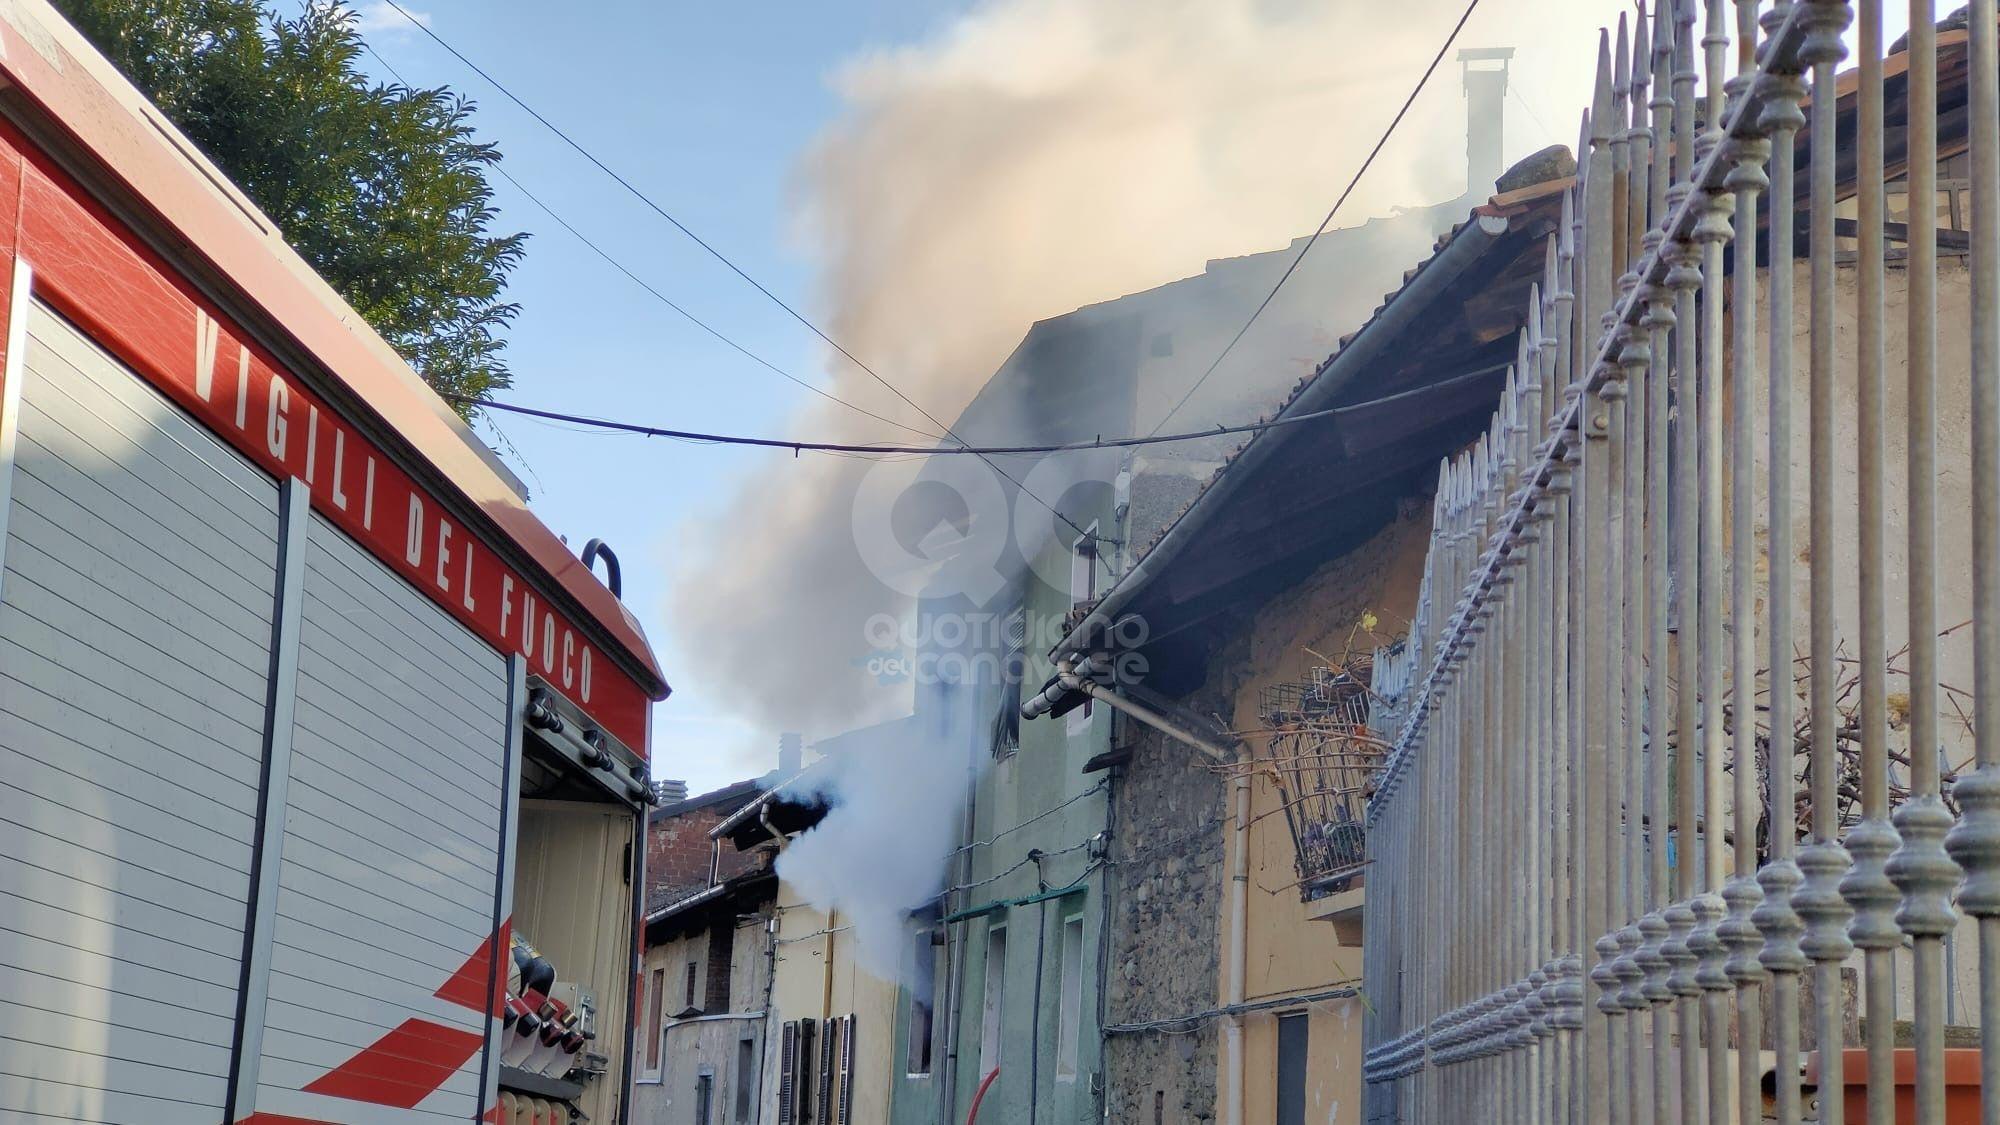 FORNO CANAVESE - Casa devastata da un incendio: intervento in forze dei vigili del fuoco - FOTO